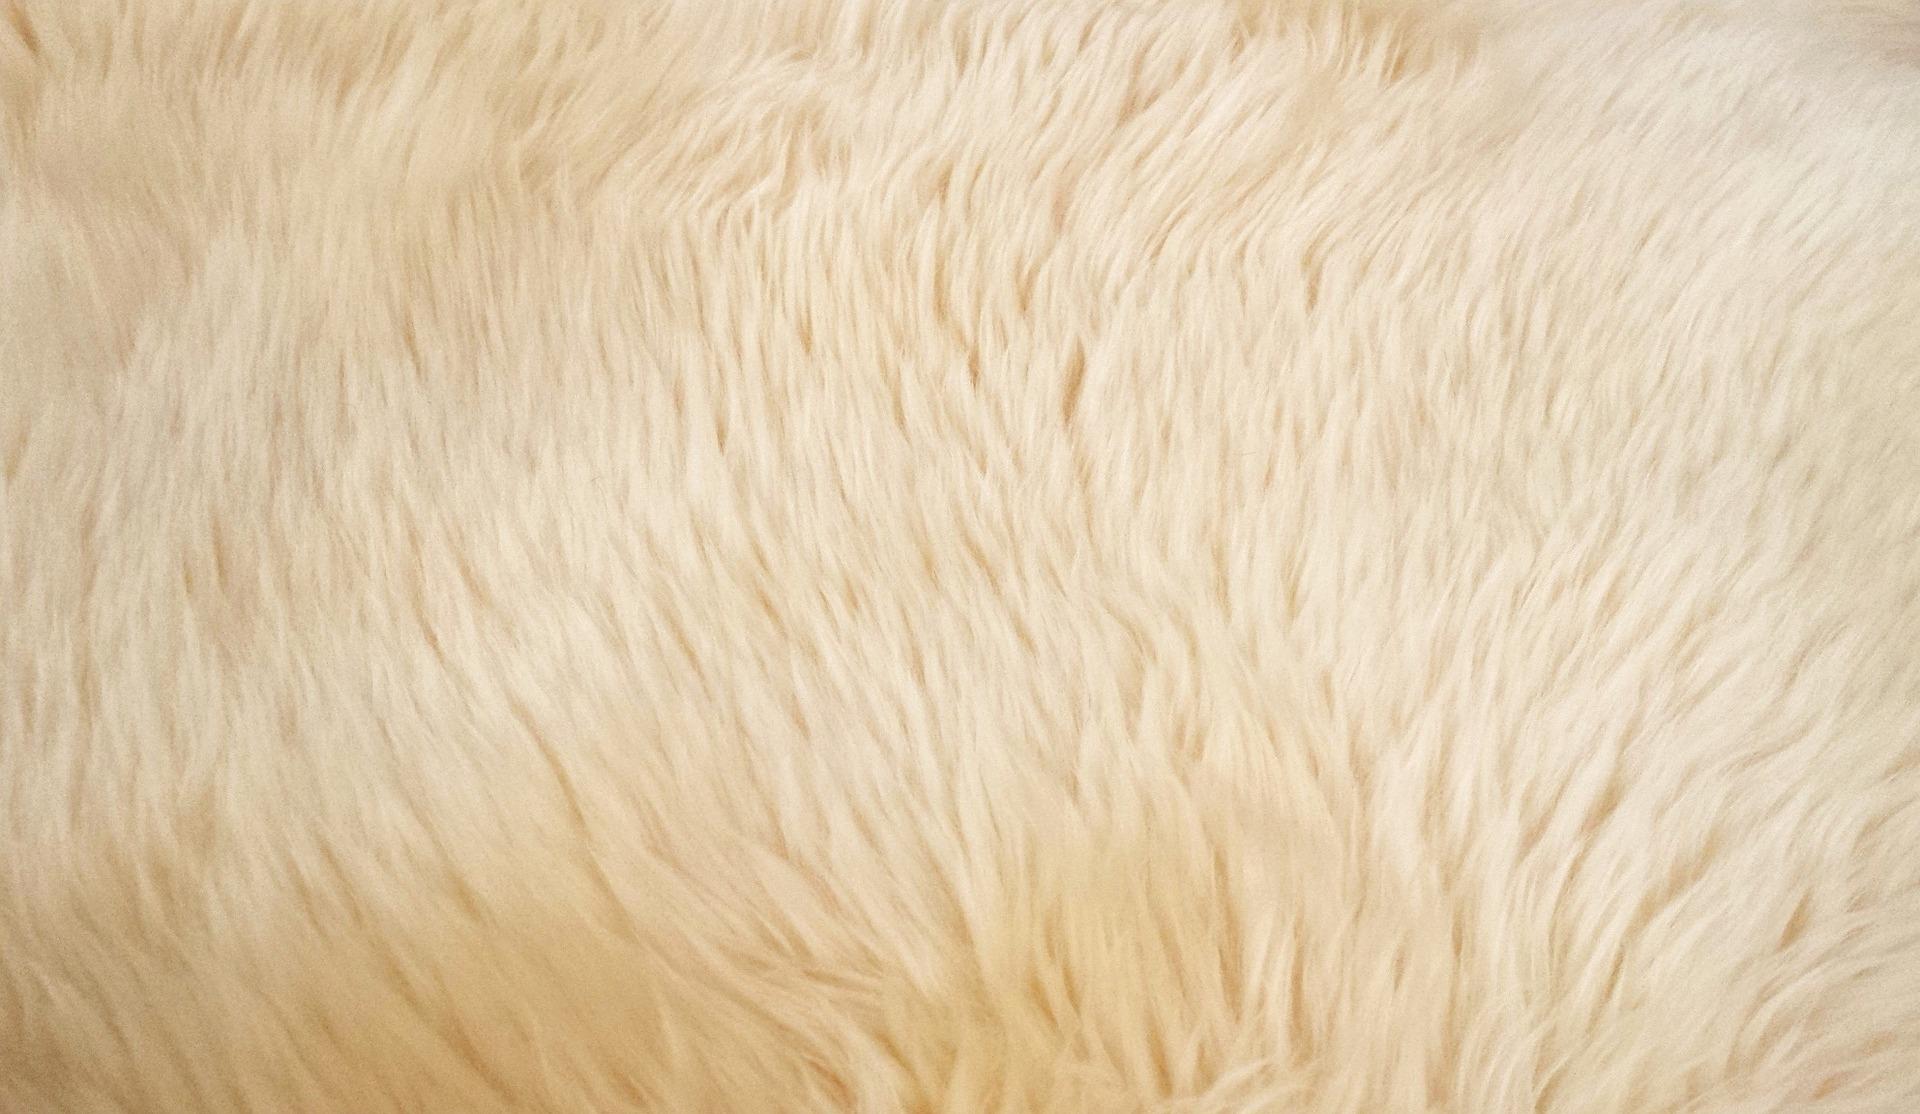 【アメリカ在住】カーペットの掃除方法&クリーナーなしでダニ対策!